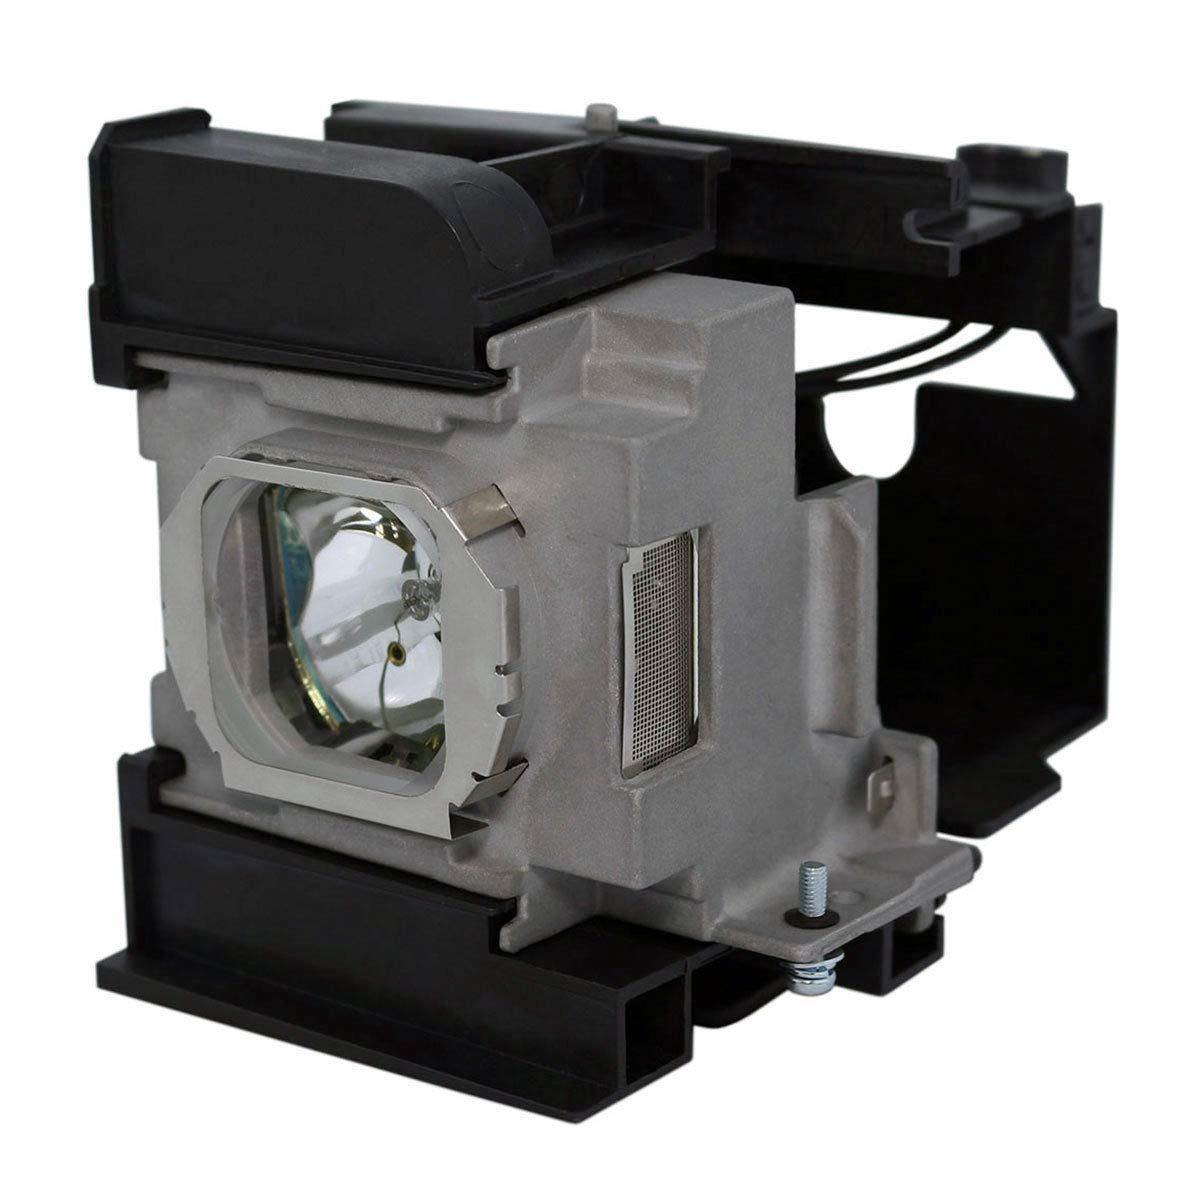 CTLAMP ET-LAA310 オリジナルプロジェクターランプ ハウジング付き パナソニック PT-AE7000U PT-AT5000 PT-AE7000E PT-AE7000EA用 長寿命で優れた明るさ。   B007P4O1B8